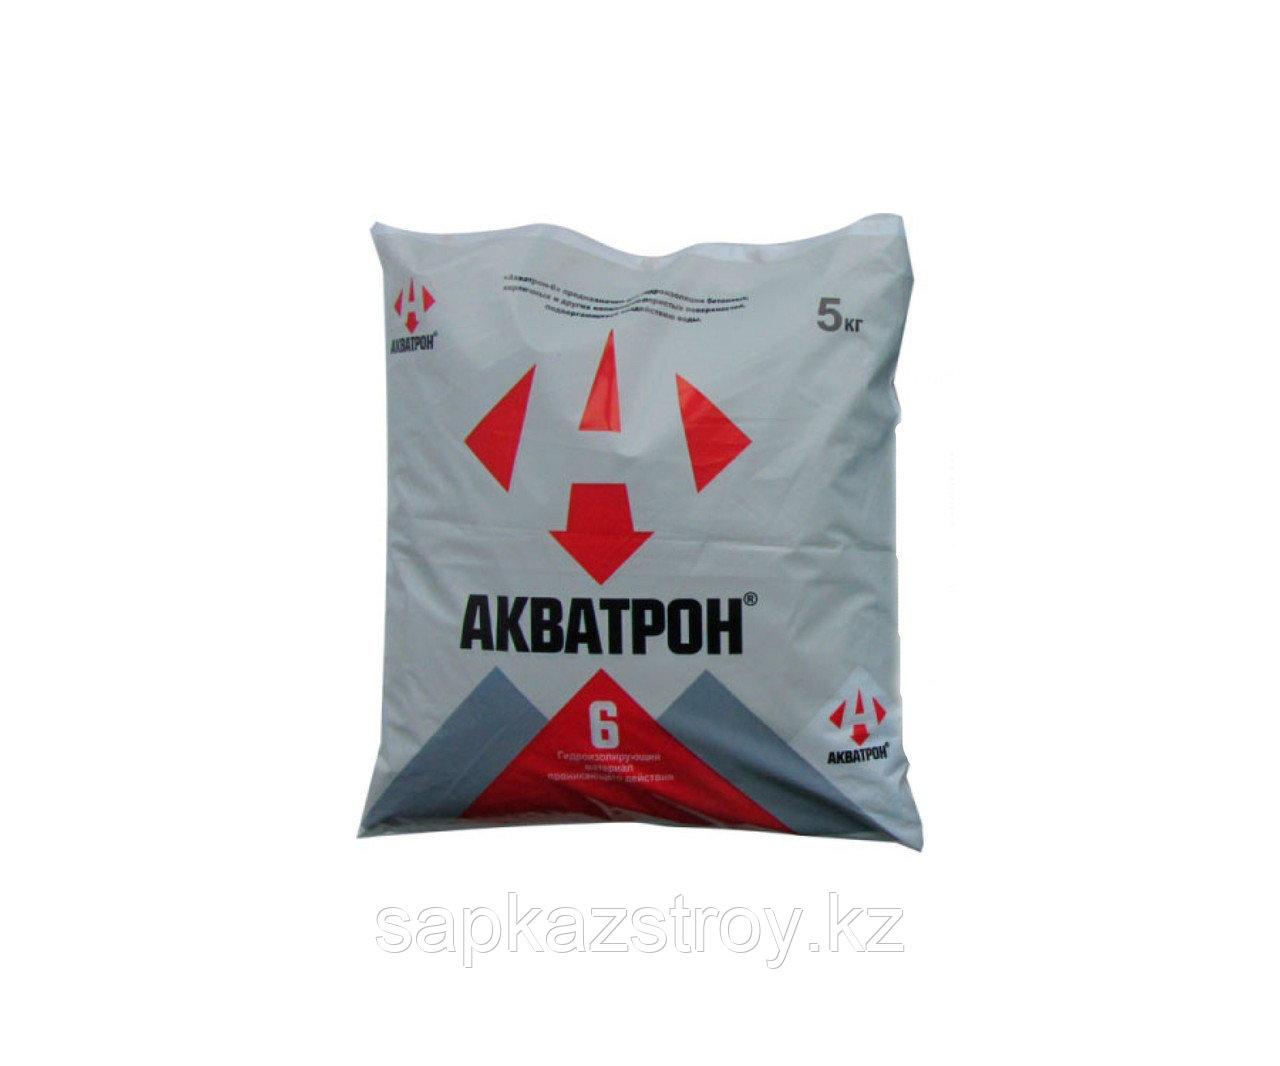 АКВАТРОН 6